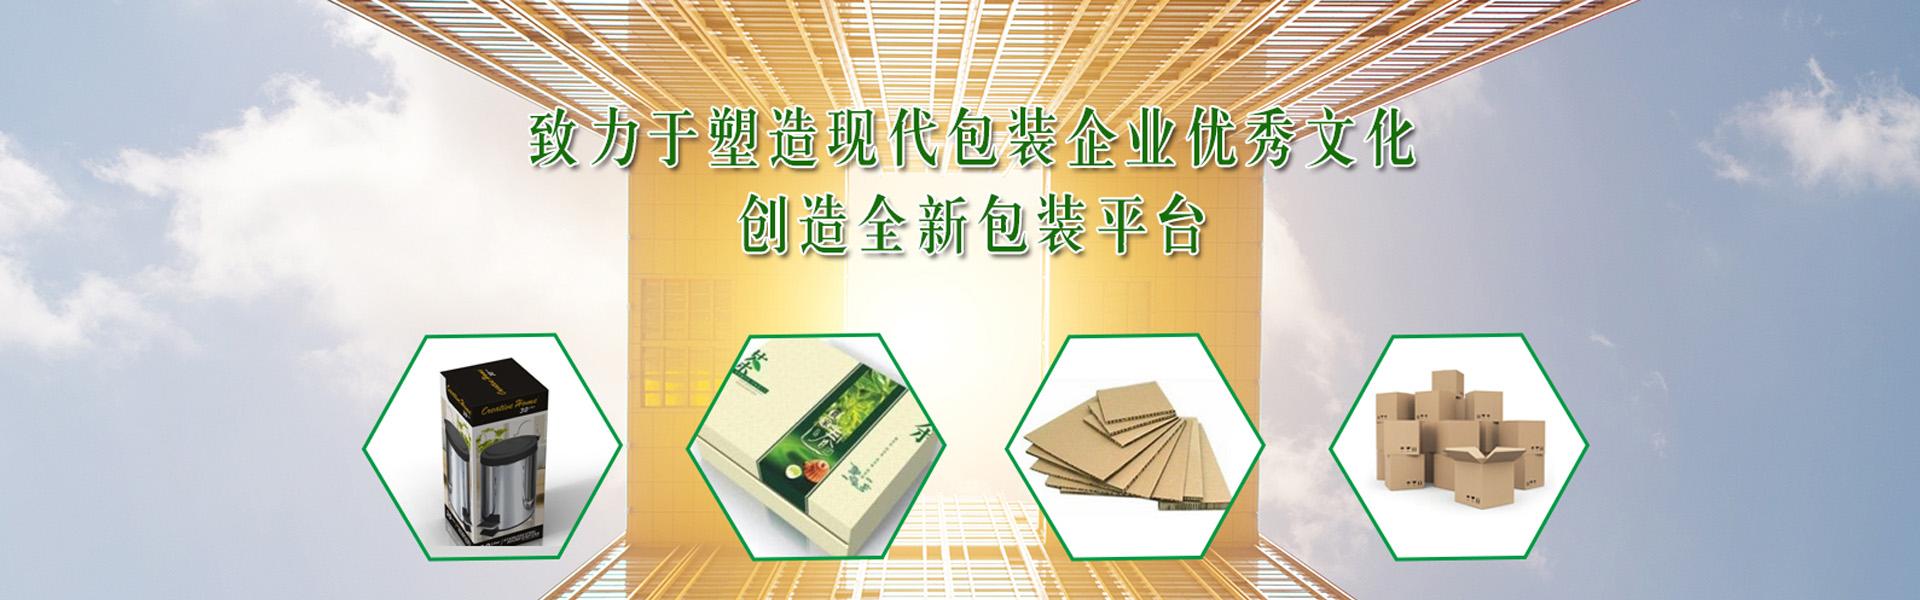 贵州纸箱包装厂